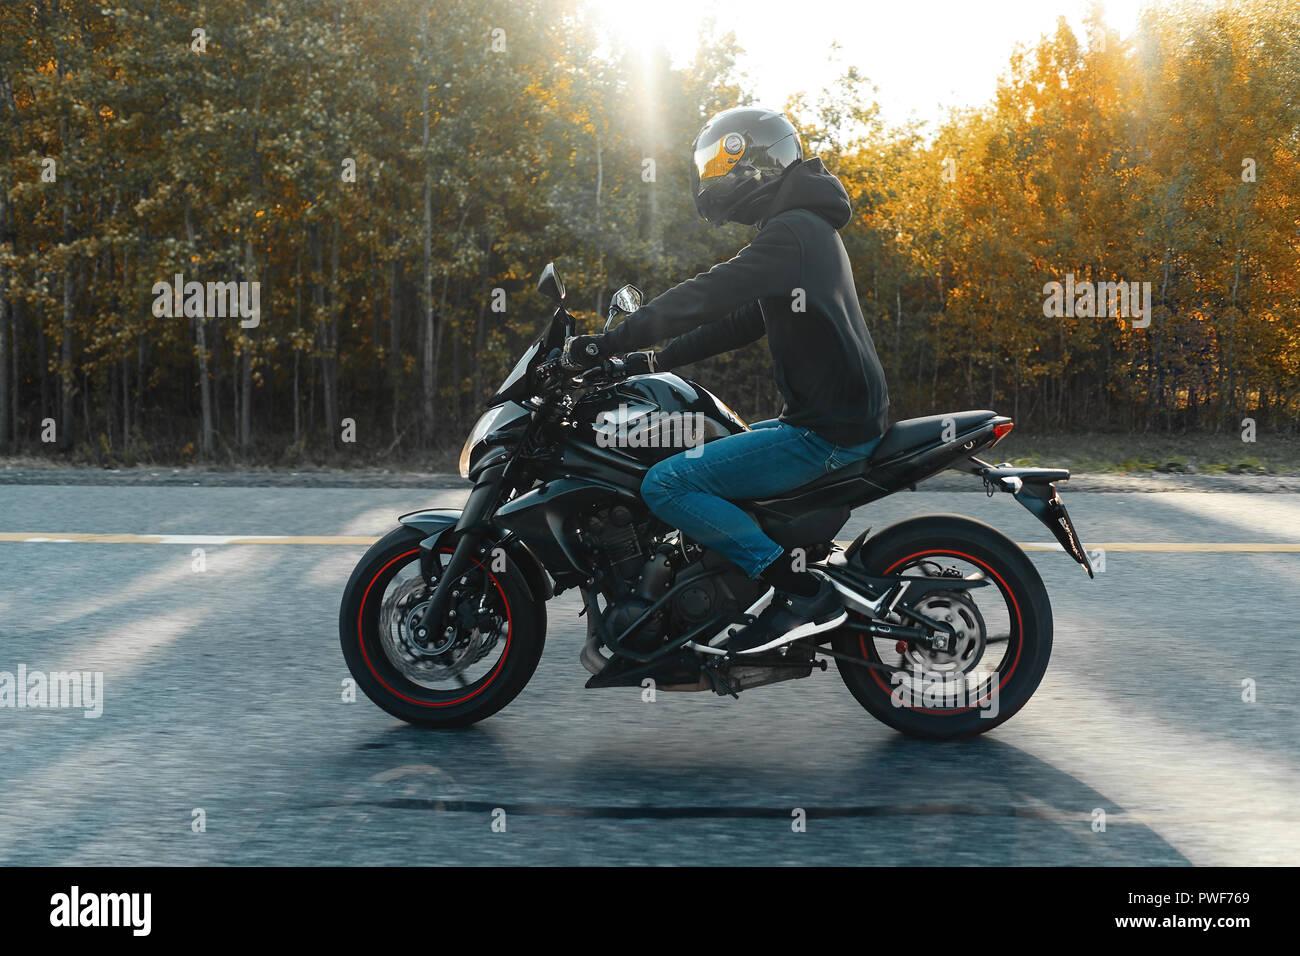 Treiber reiten Motorrad auf leere Straße im schönen Herbst Wald. Stockbild